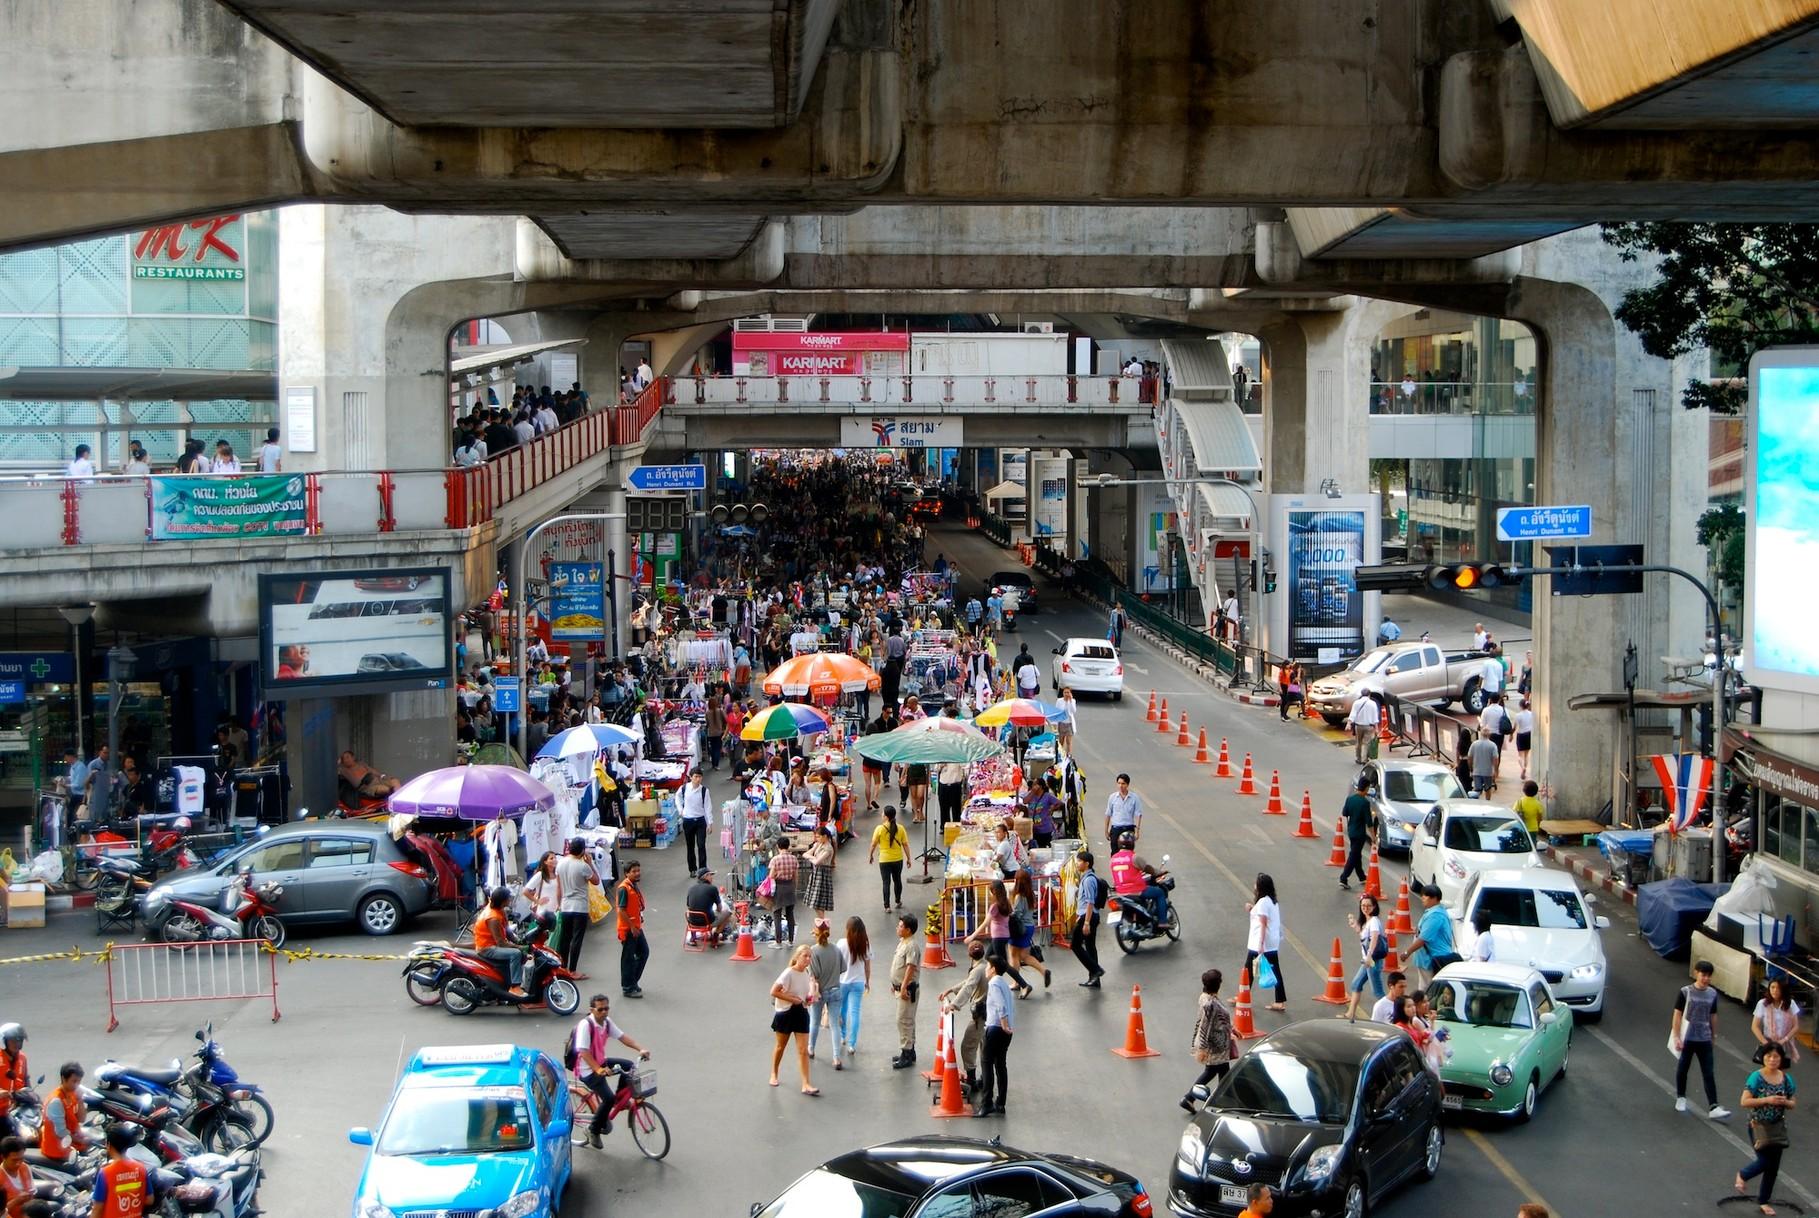 Proteste in Bangkok - Siam